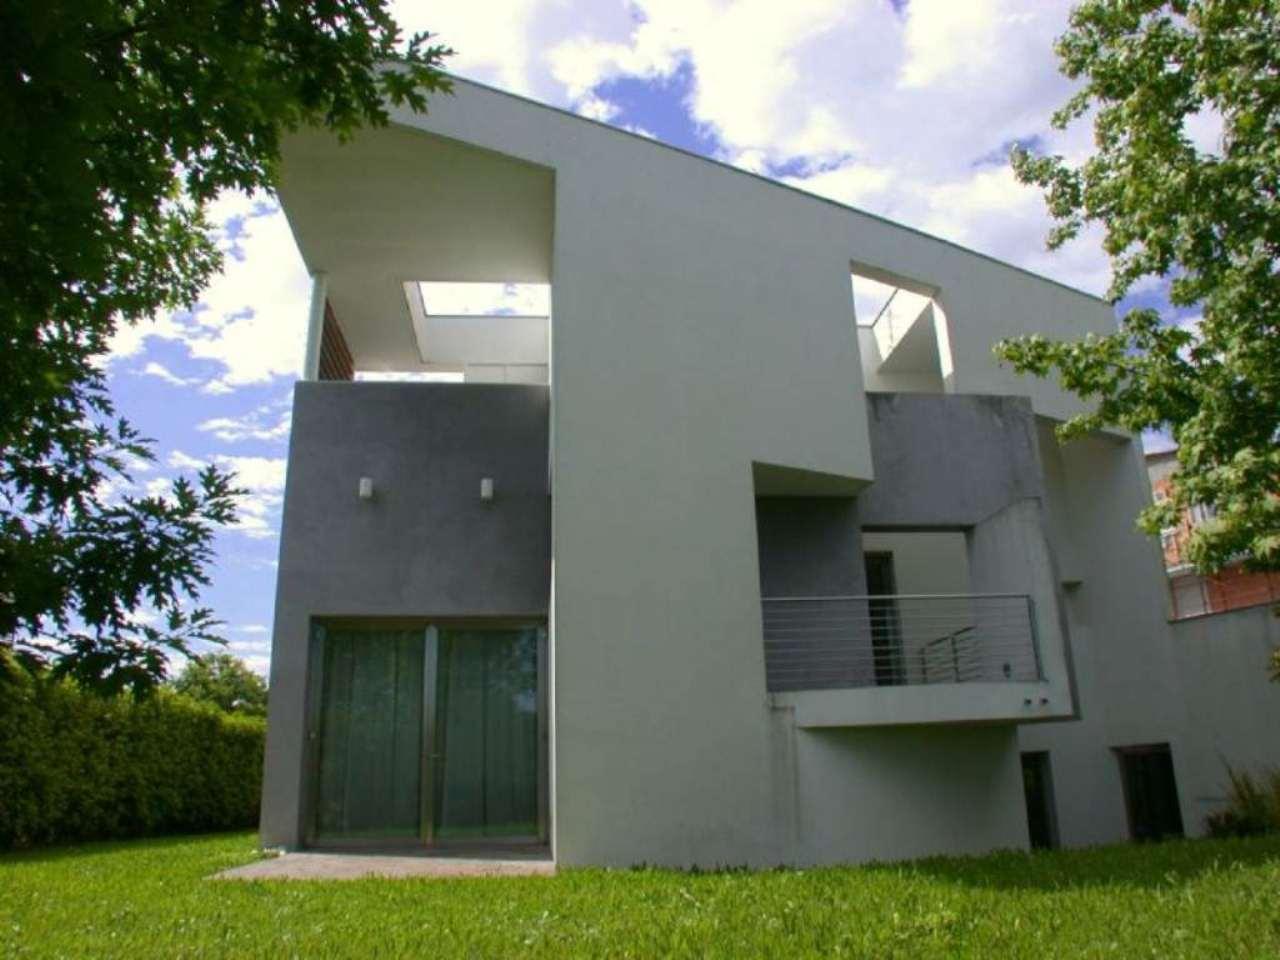 Villa in vendita a Mogliano Veneto, 10 locali, prezzo € 780.000 | Cambio Casa.it